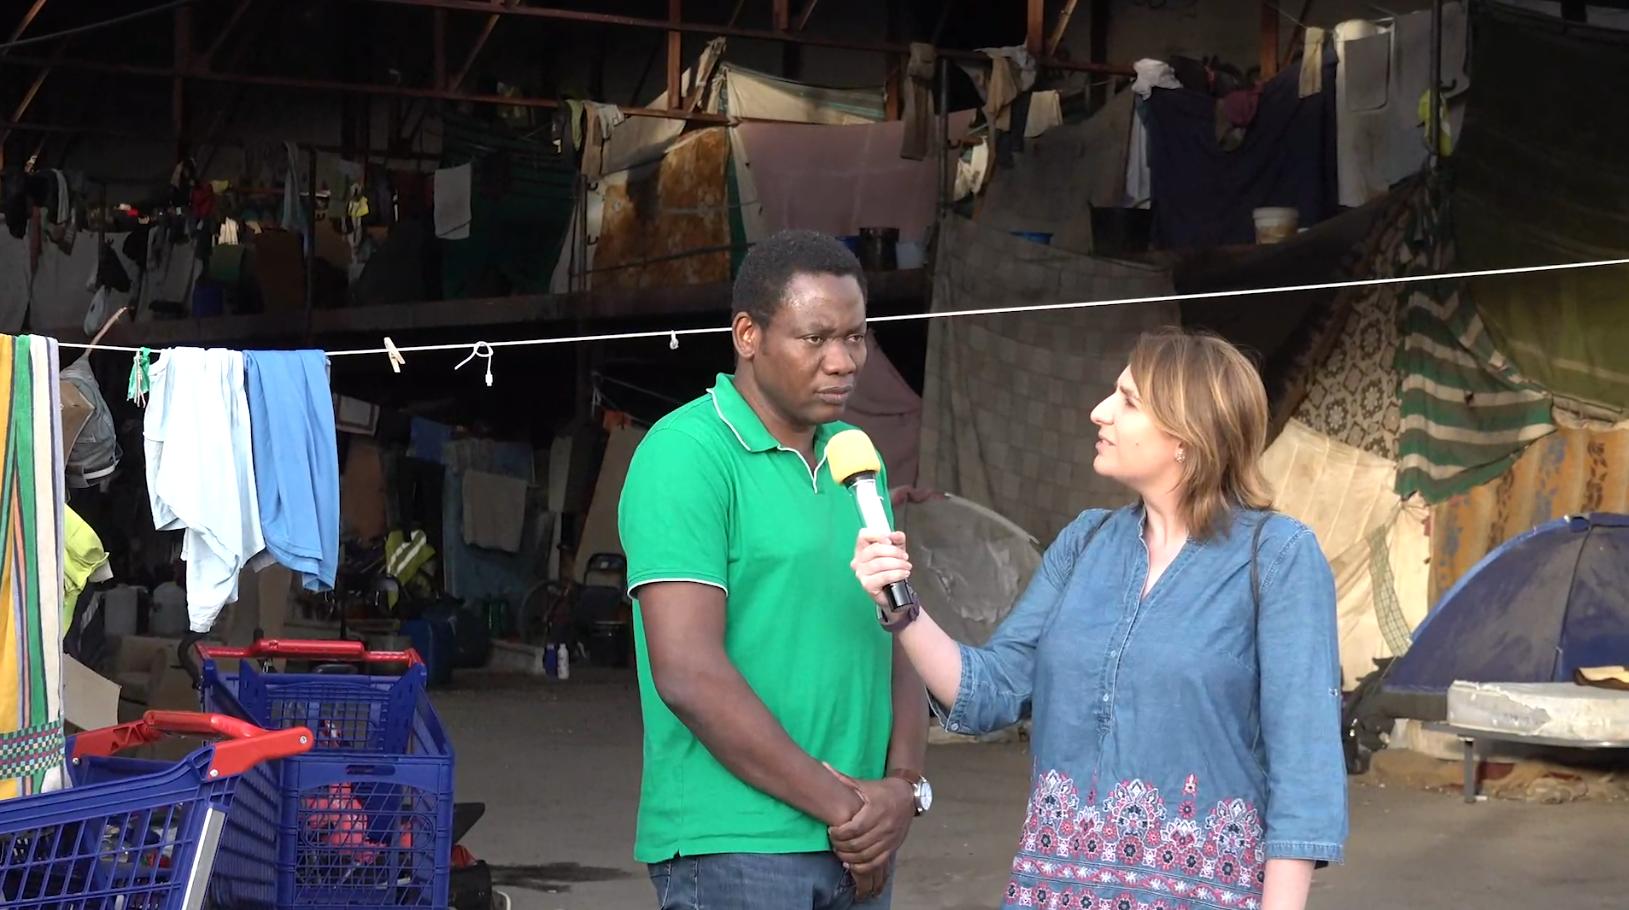 PjAlbacete tv: Jornada Mundial del Migrante y Refugiado